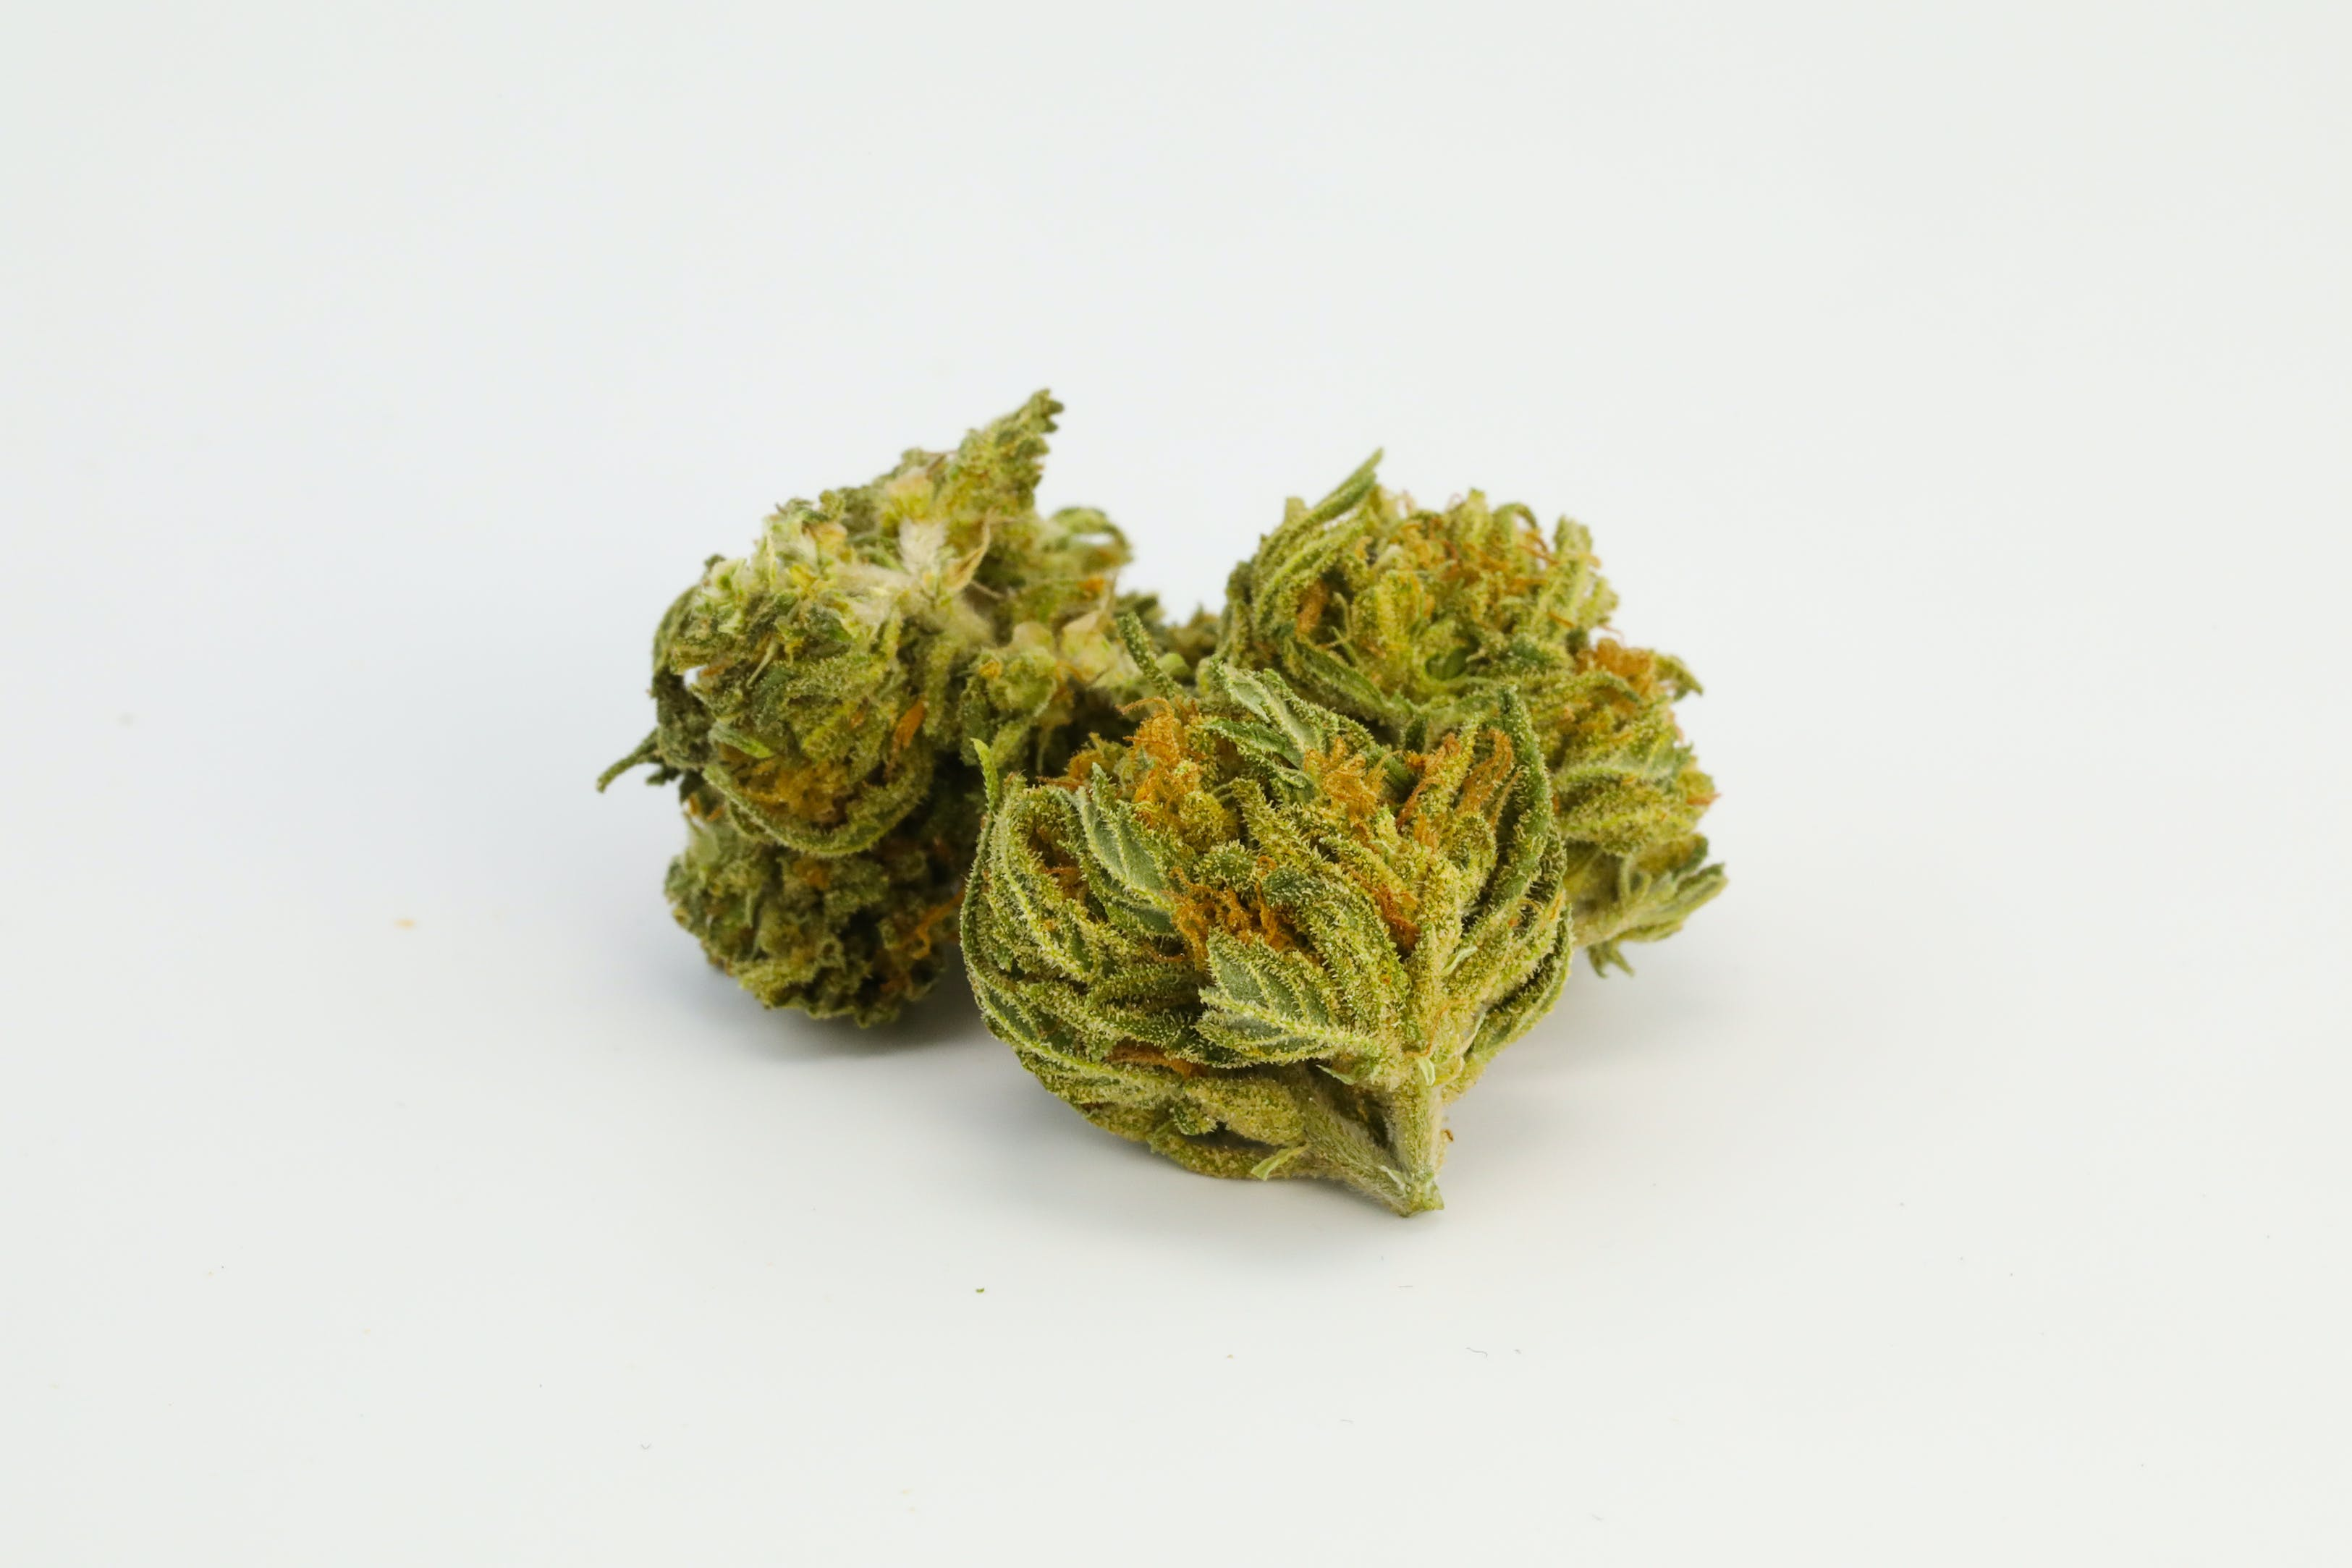 Shipwreck Weed; Shipwreck Cannabis Strain; Shipwreck Sativa Marijuana Strain